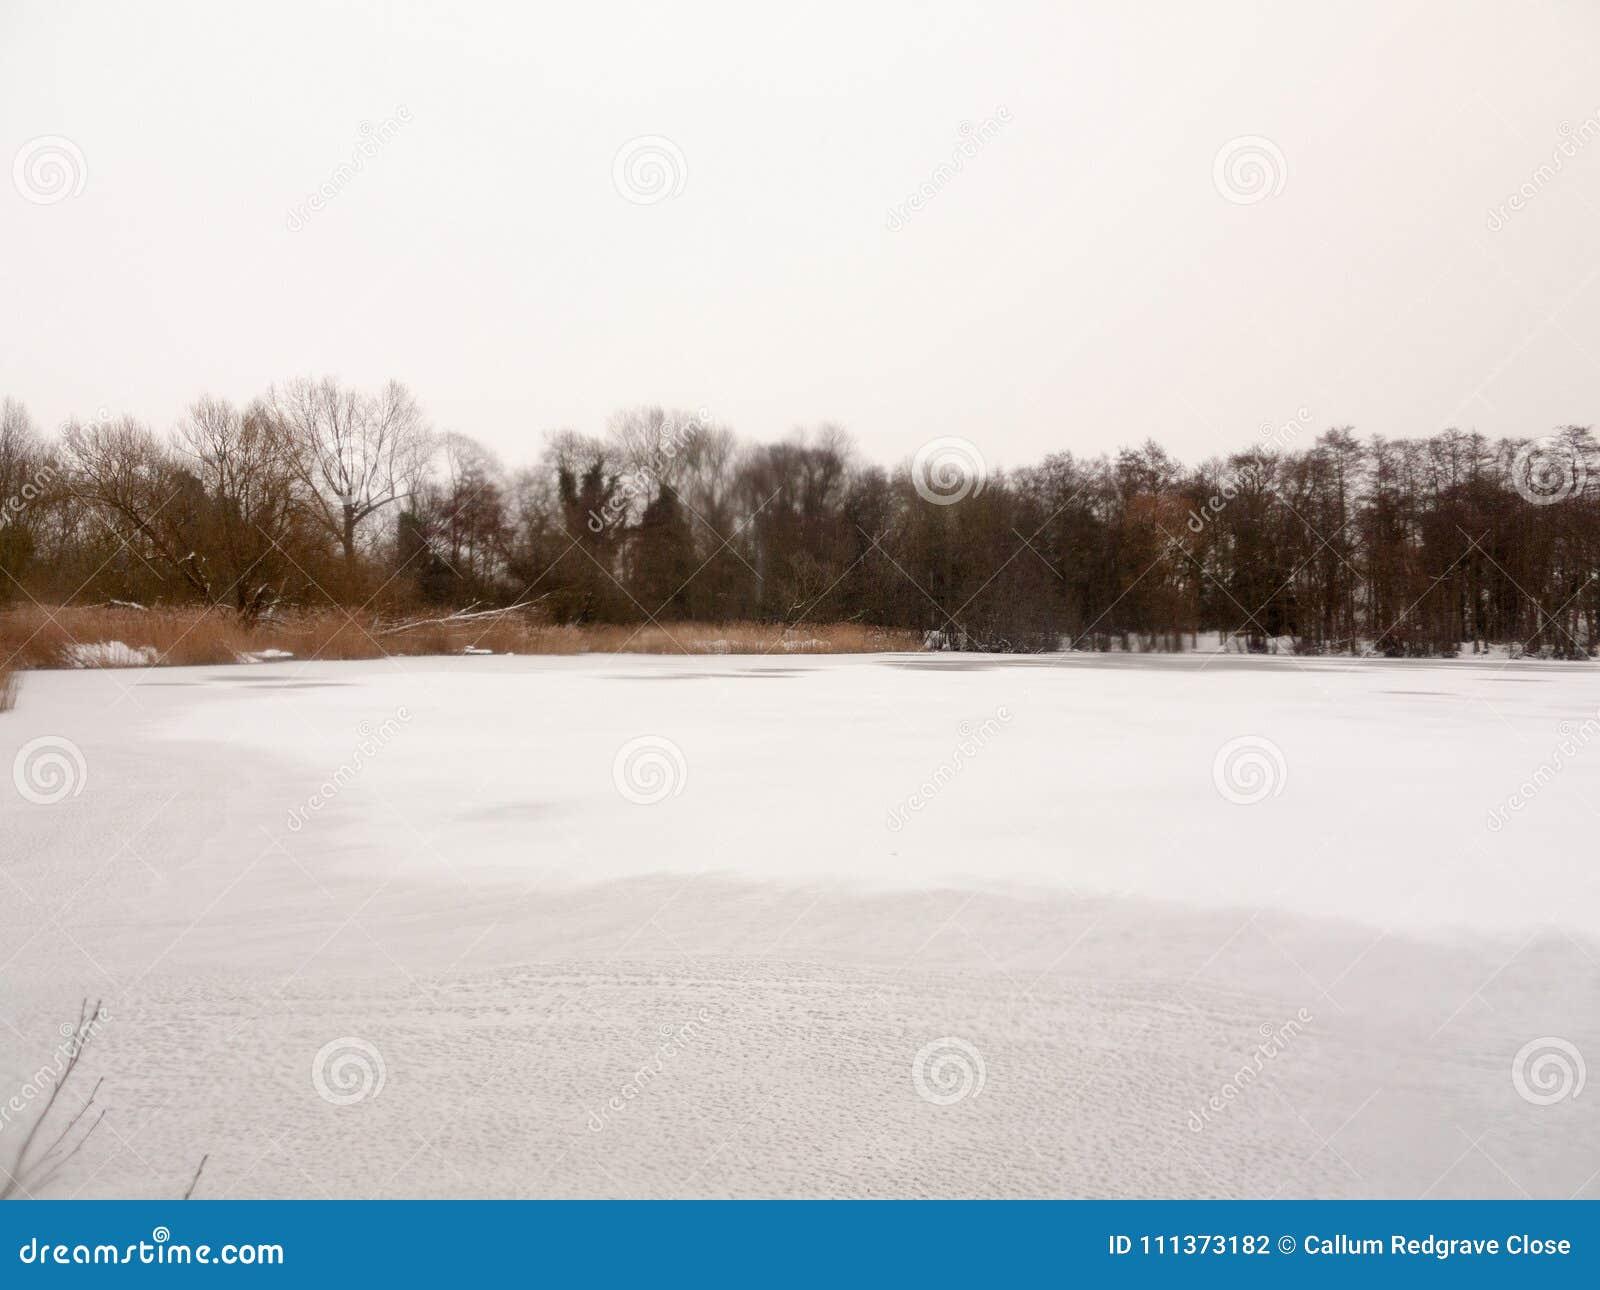 Eingefroren über des Oberflächenwassers des Sees des weißen bloßen Bäumen Schnee-Winters